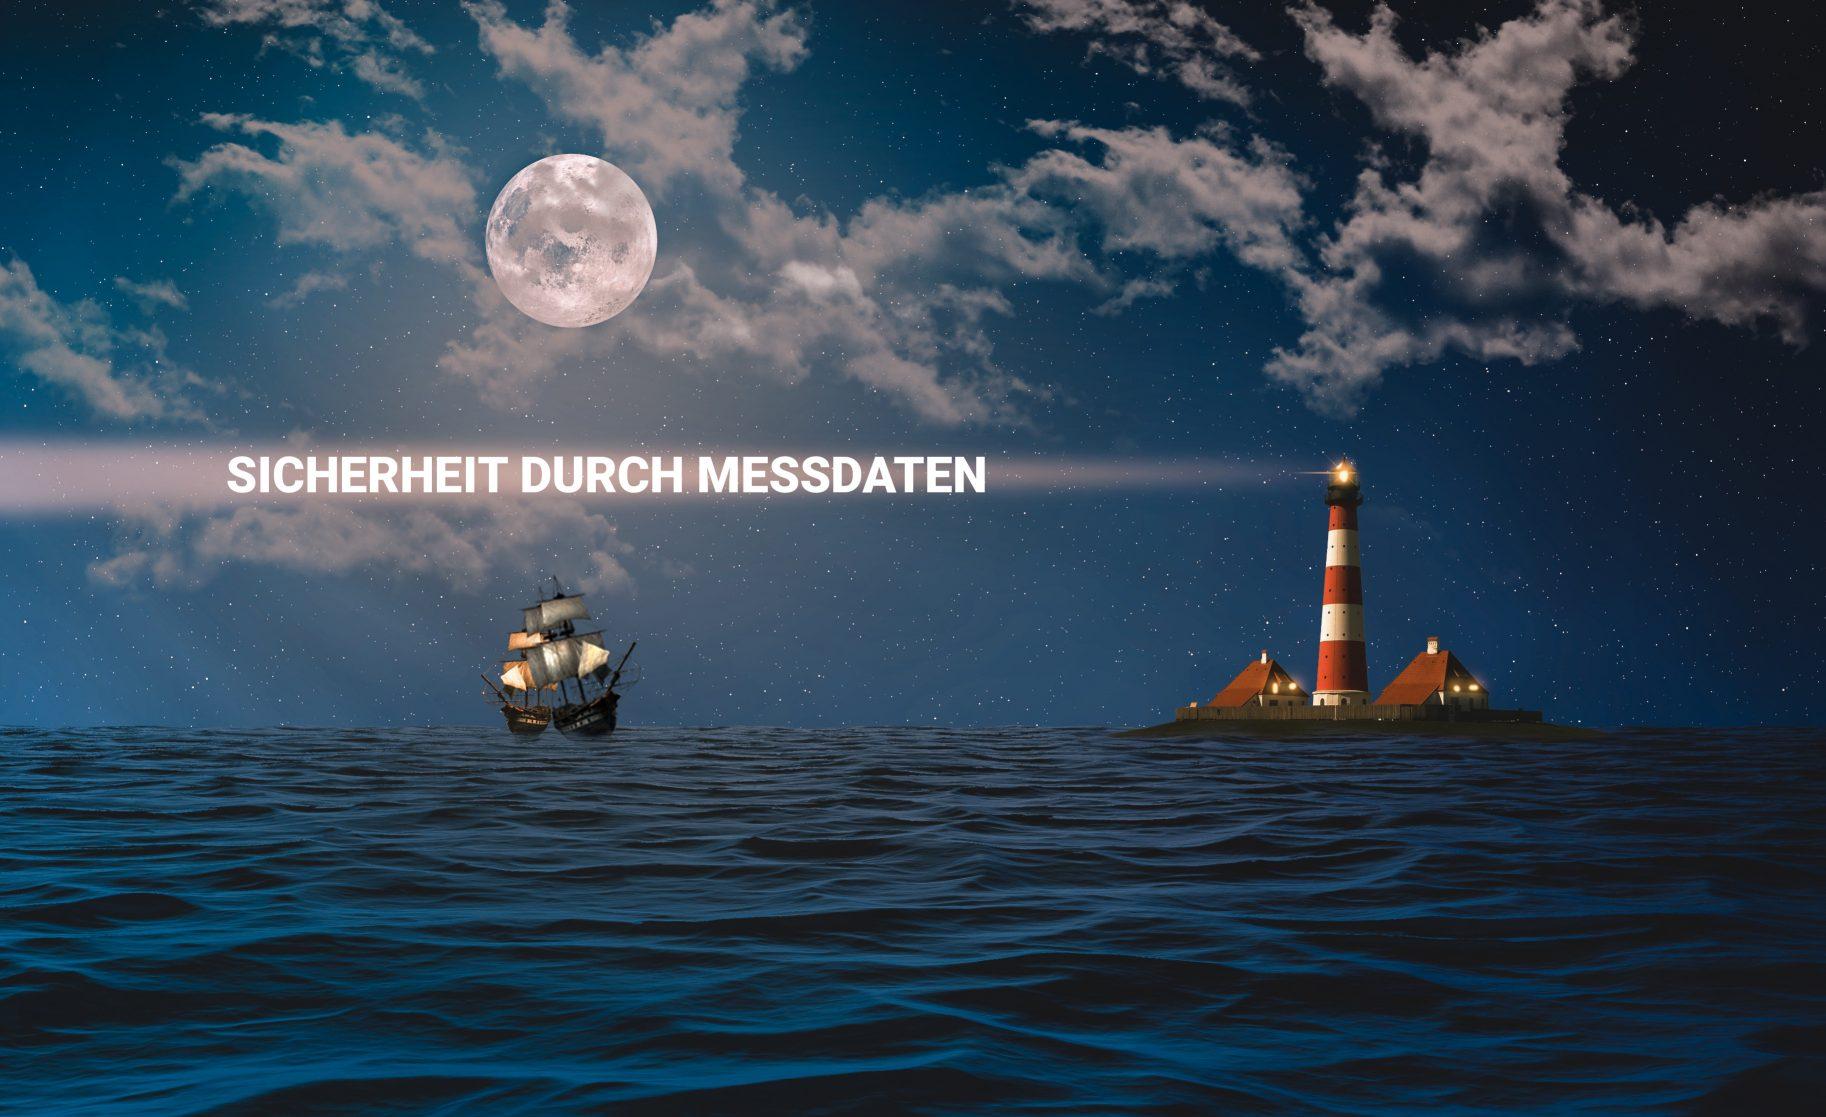 lighthouse_4k_web3